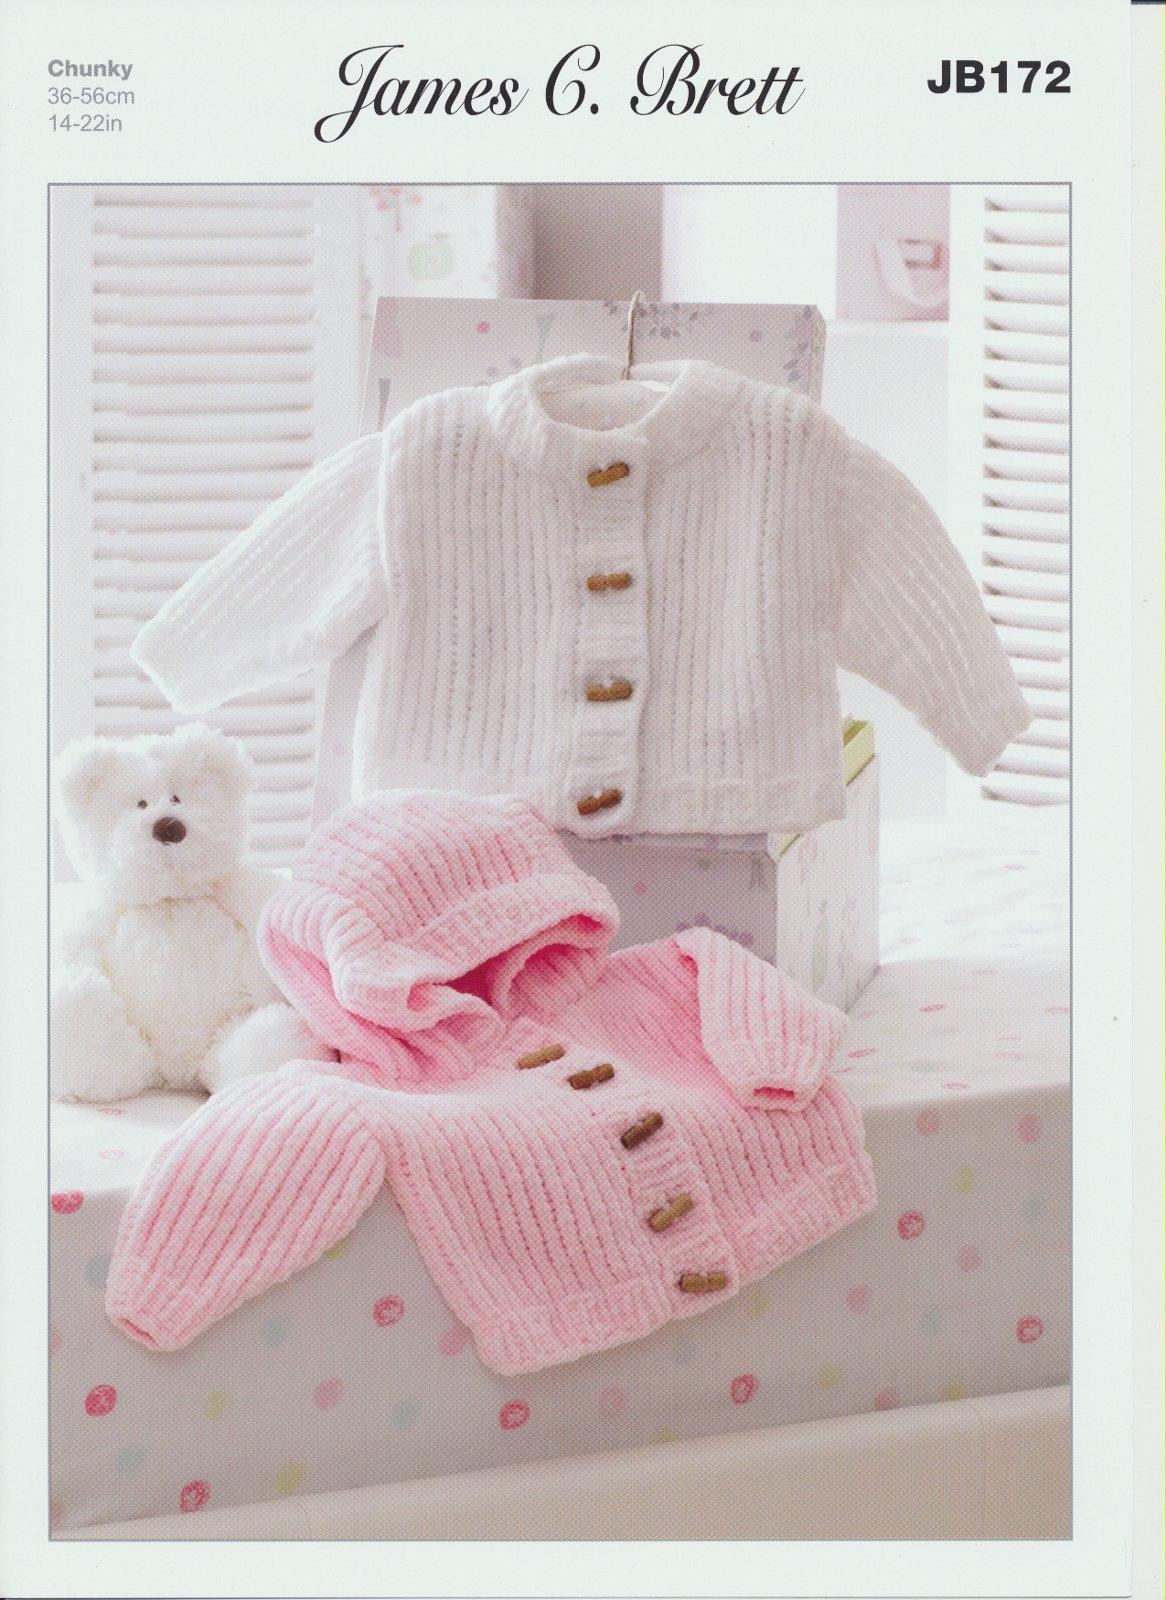 Baby Jacket Knitting Pattern: Amazon.co.uk